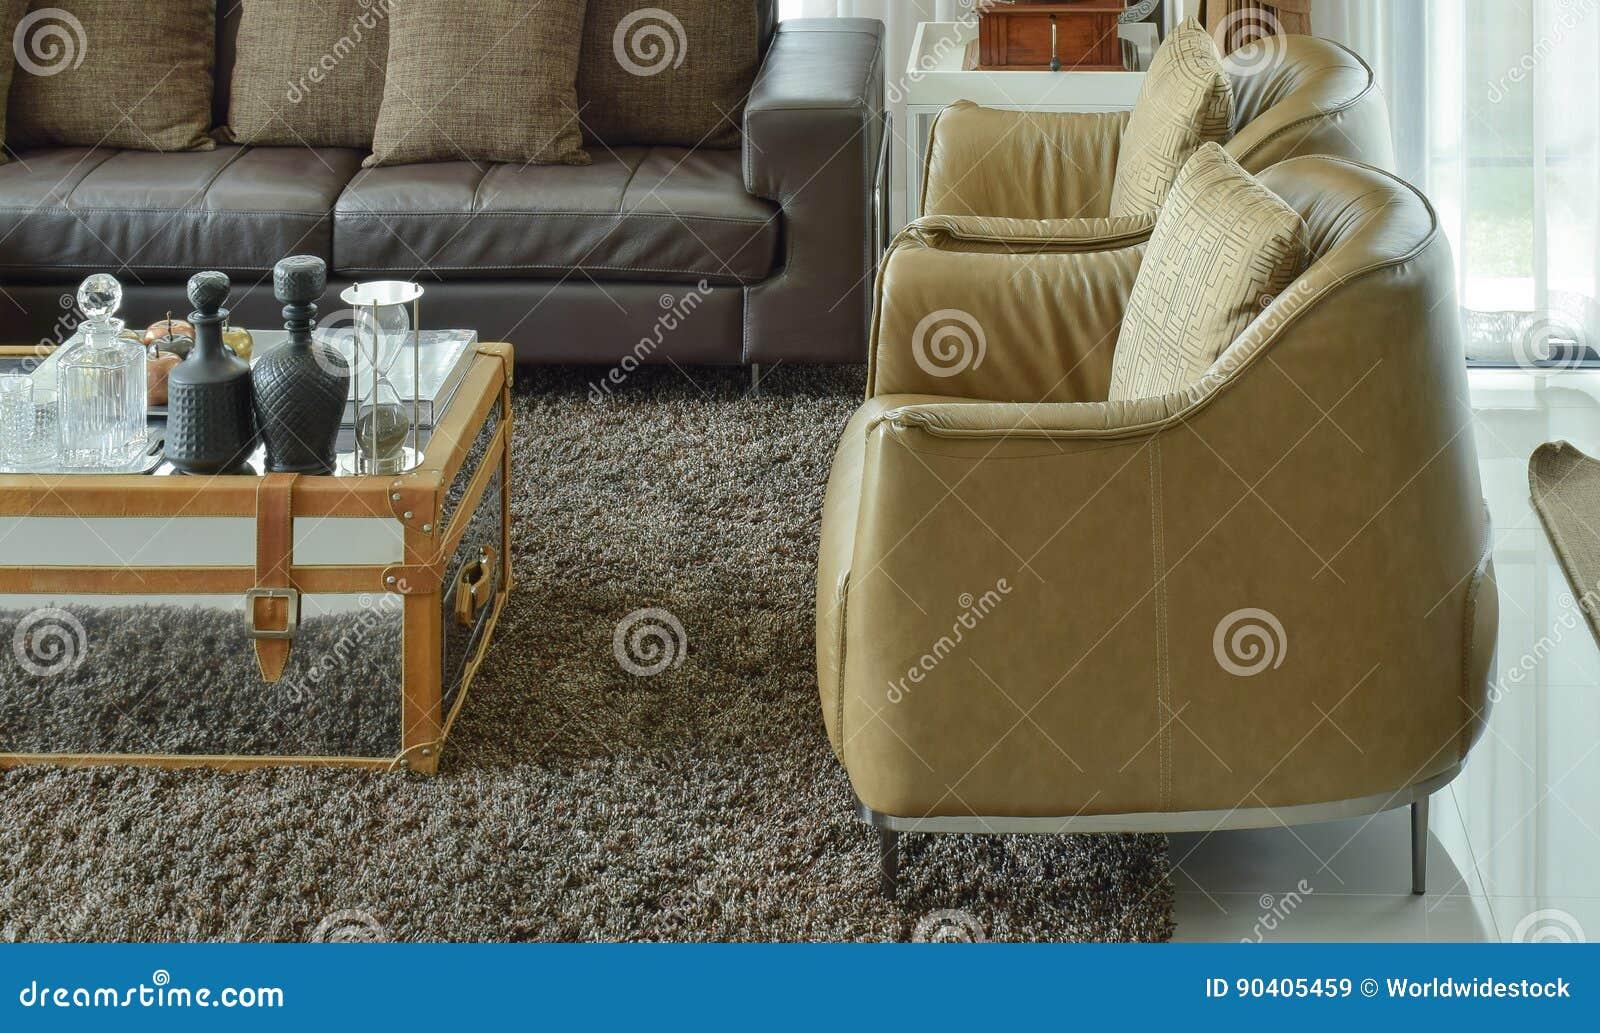 Hellbraune Ledersessel Und Dunkelbraunes Ledernes Sofa Im Wohnzimmer